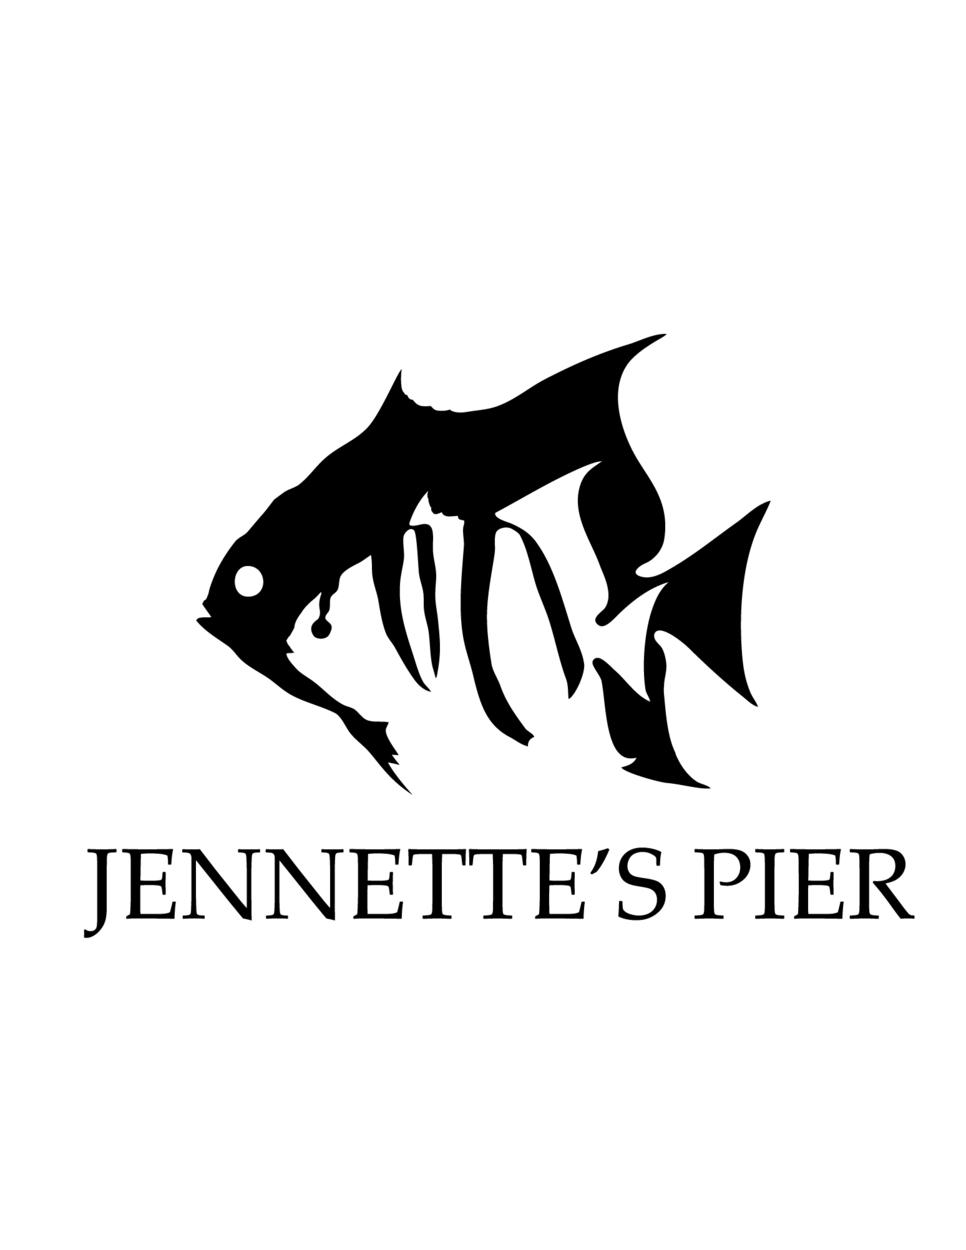 Jennette 39 s pier fishing report september 10 2014 for Jennette s pier fishing report